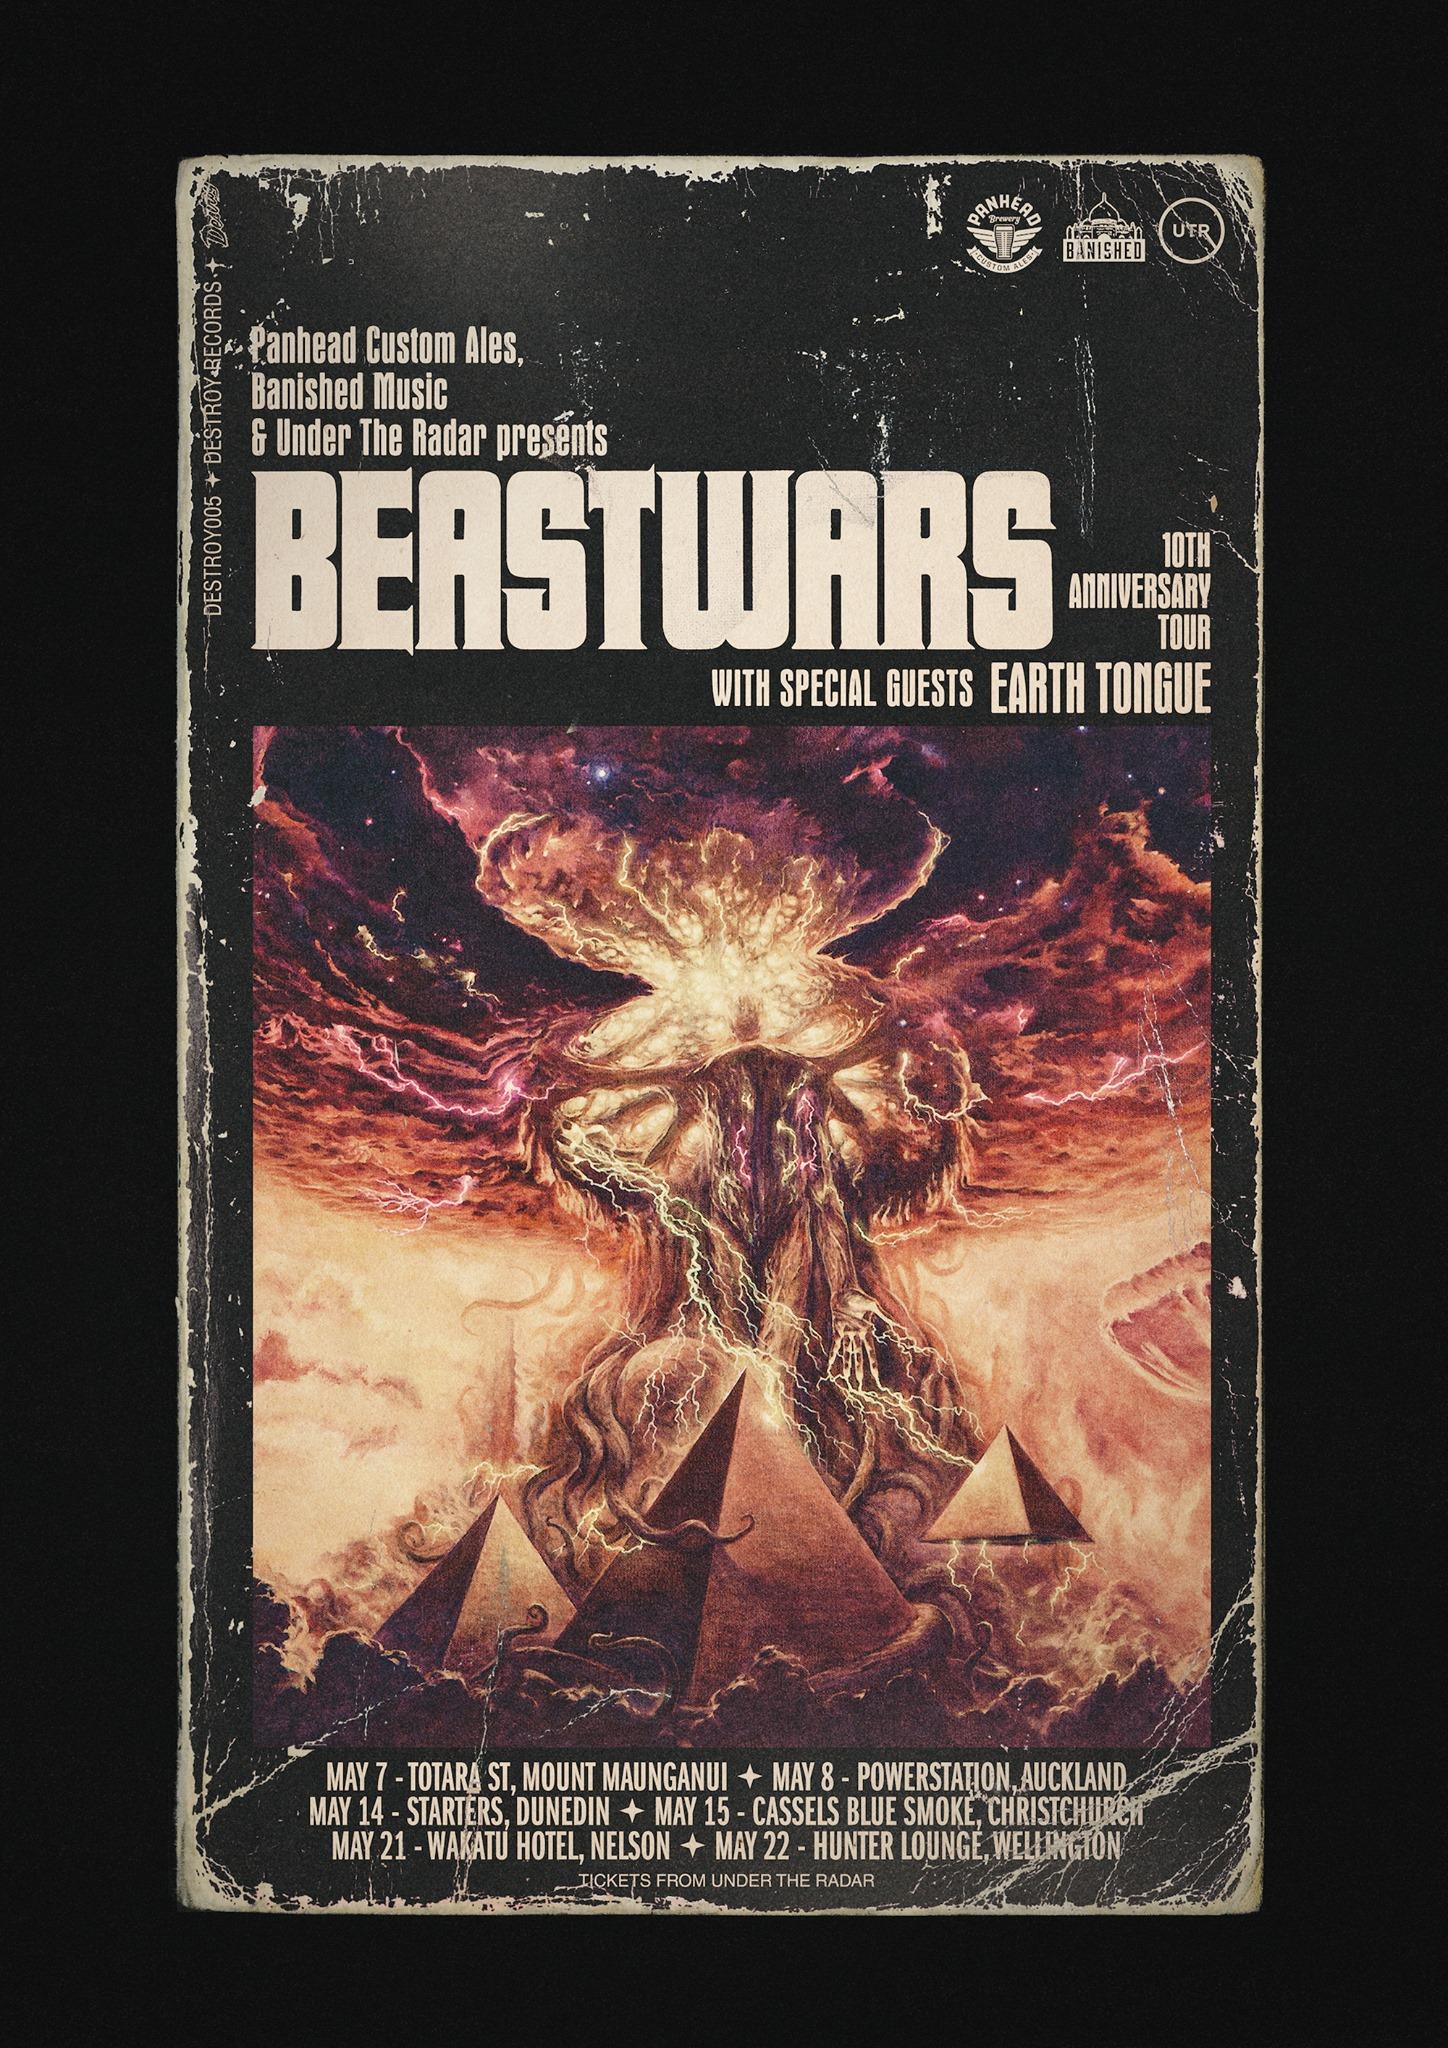 beastwars tour